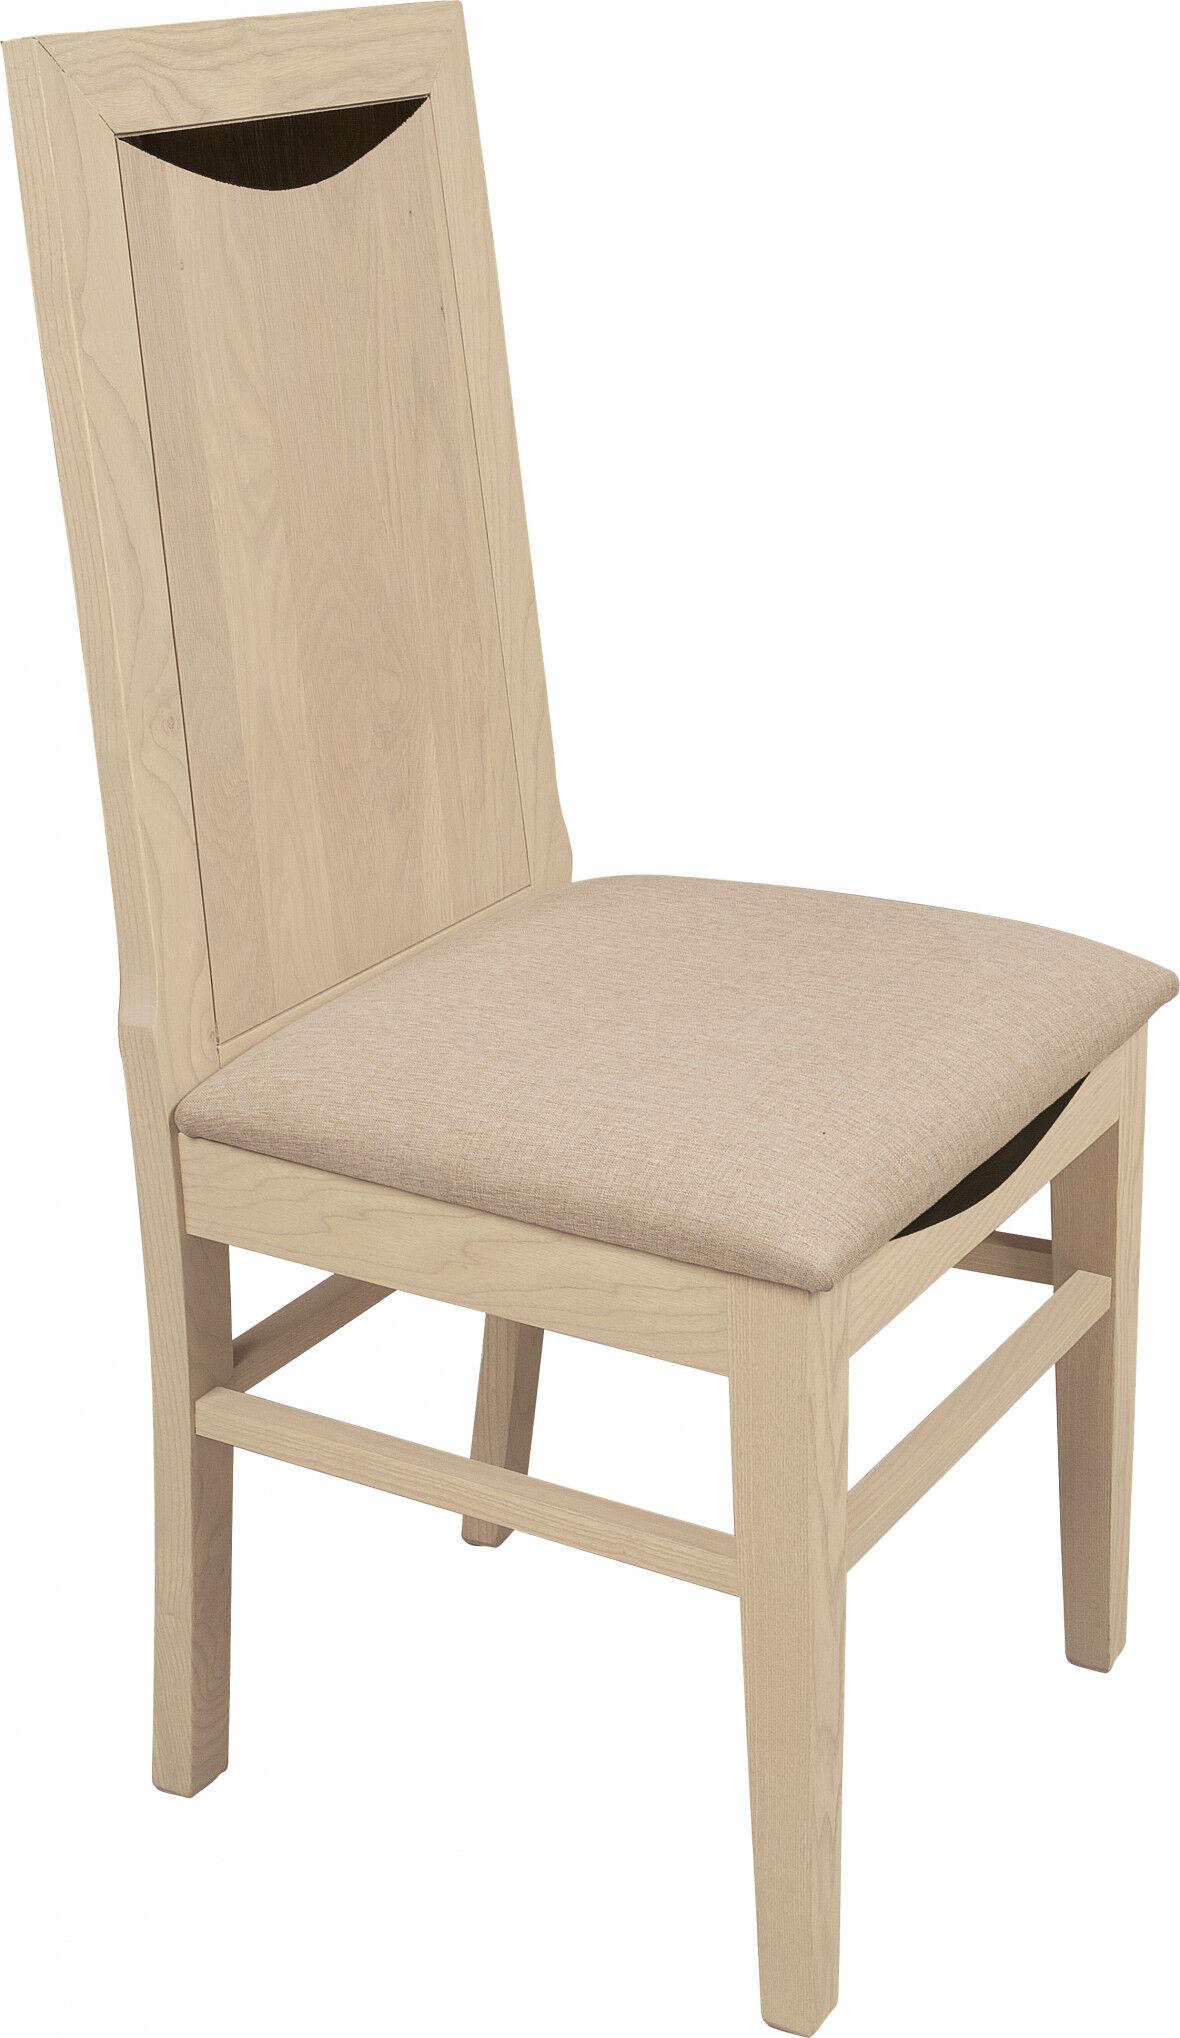 Destock Meubles Chaise chêne massif blanc pierre assise tapissés dossier bois